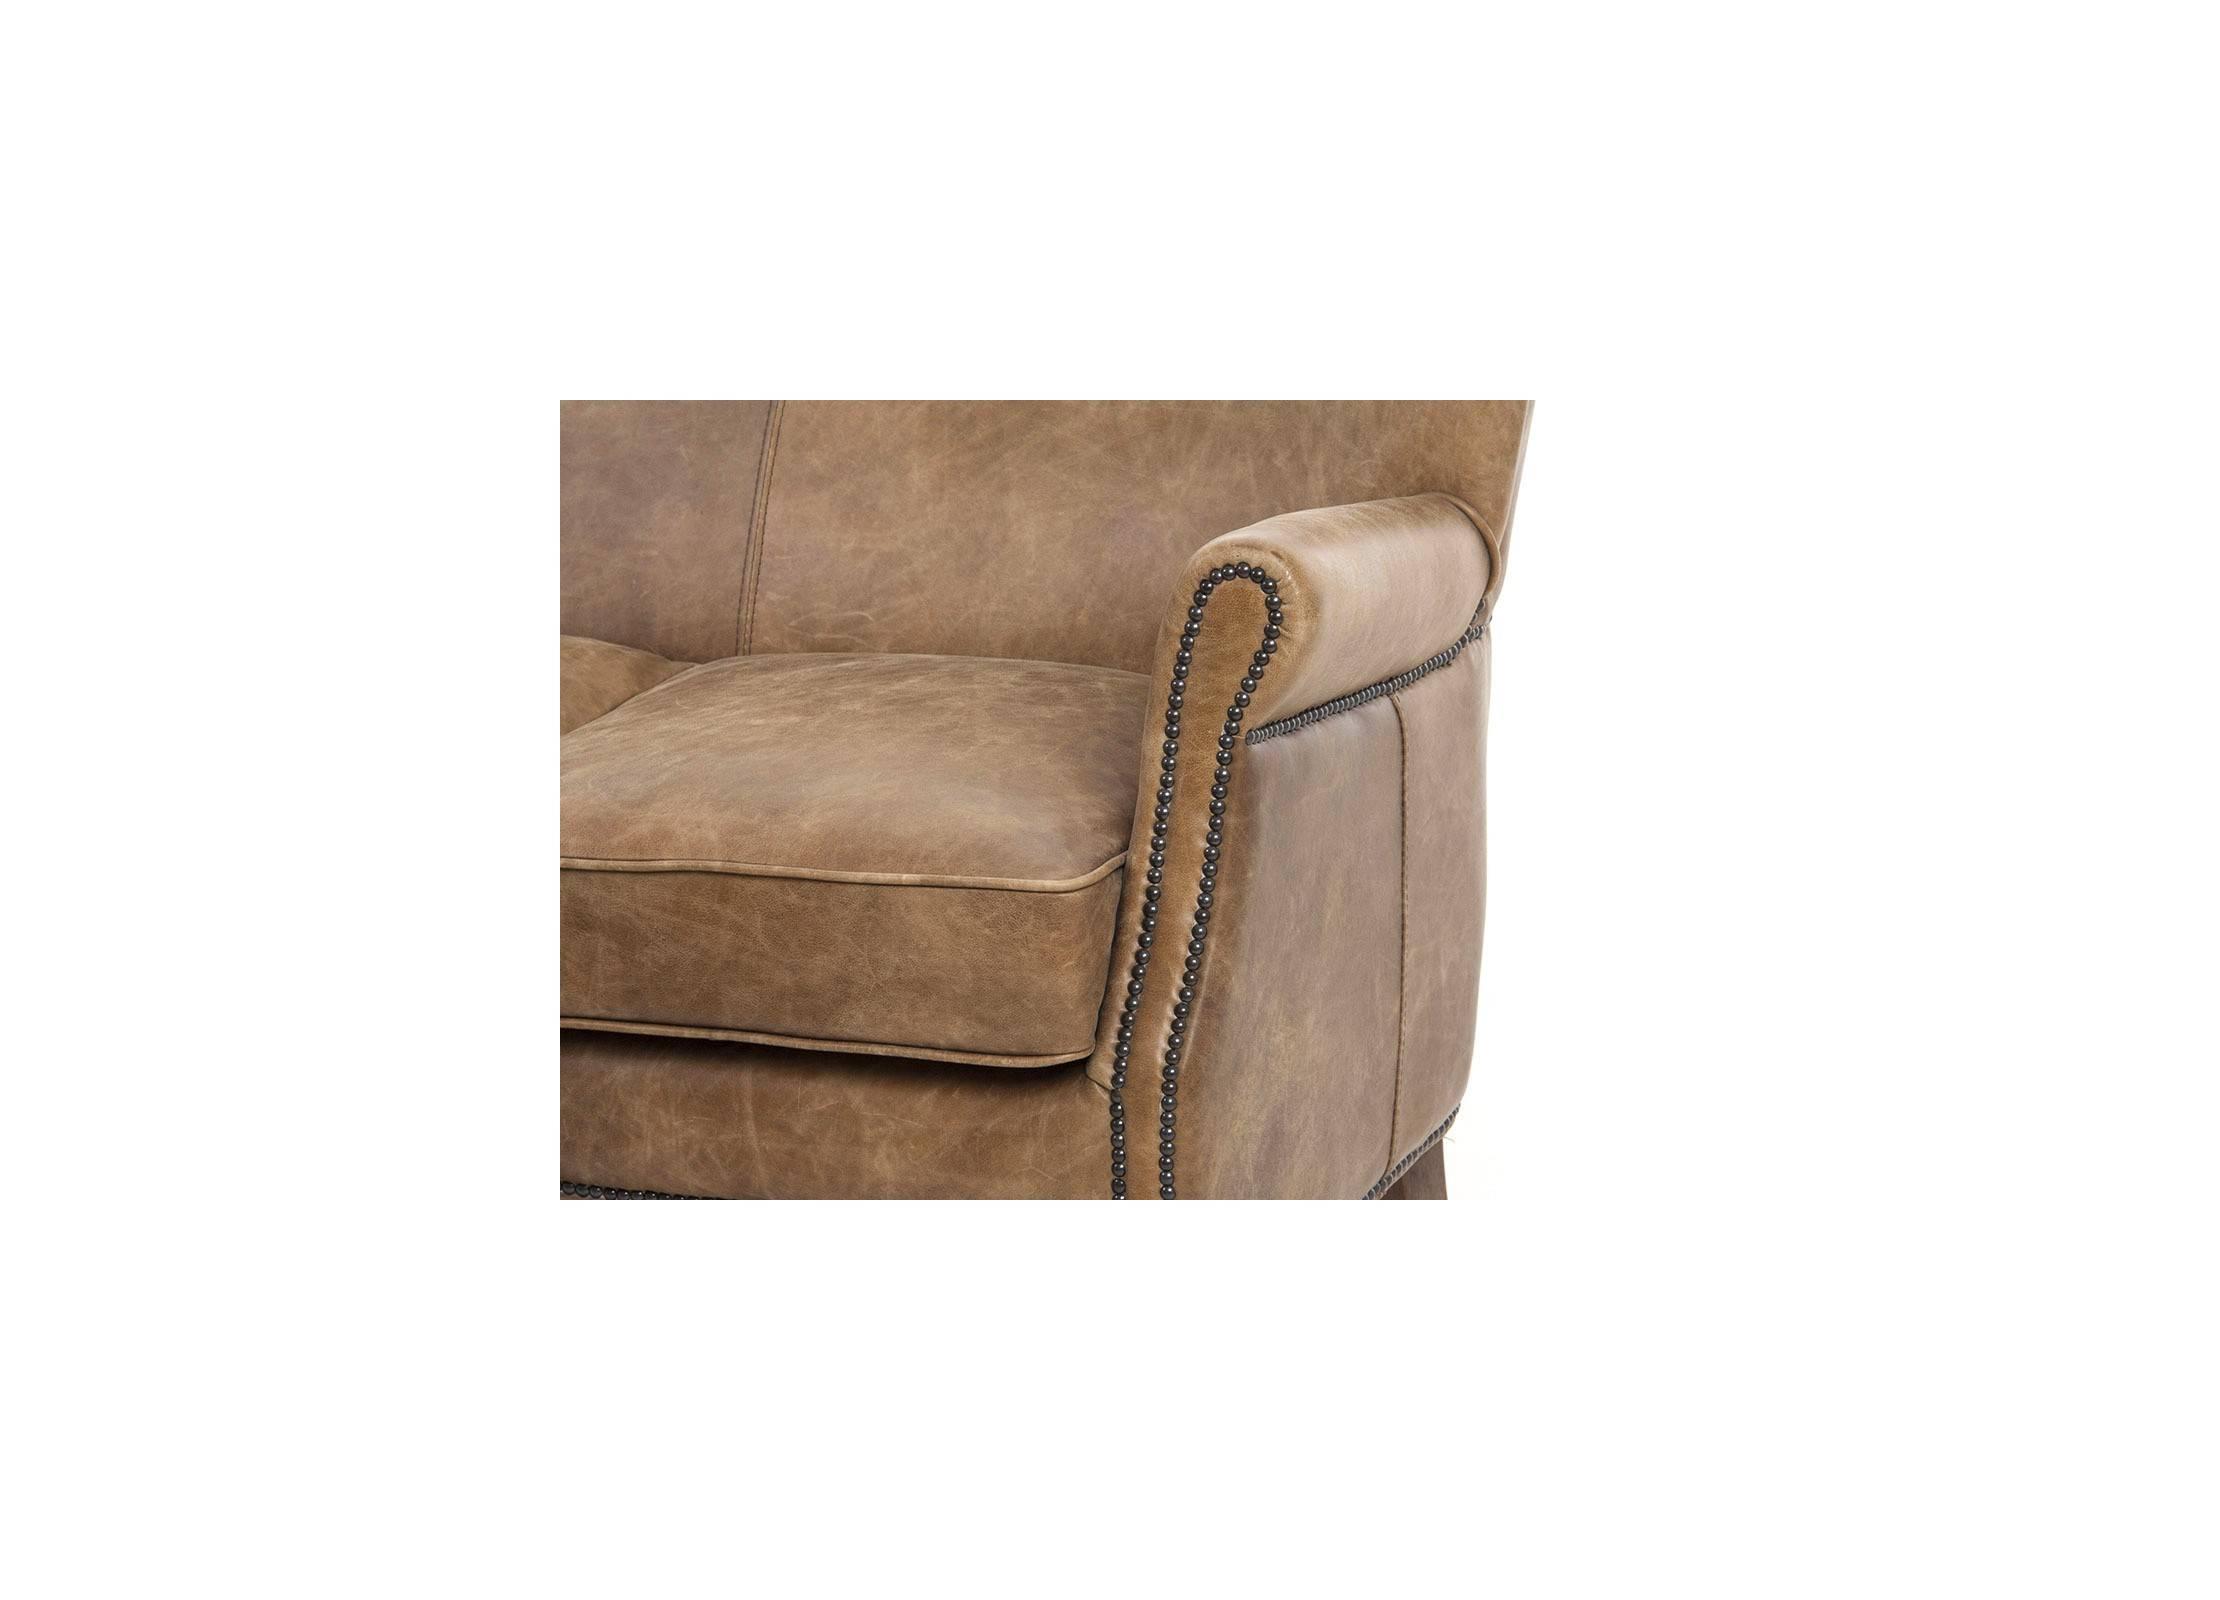 canap club 2 places en cuir marron vintage de qualit. Black Bedroom Furniture Sets. Home Design Ideas